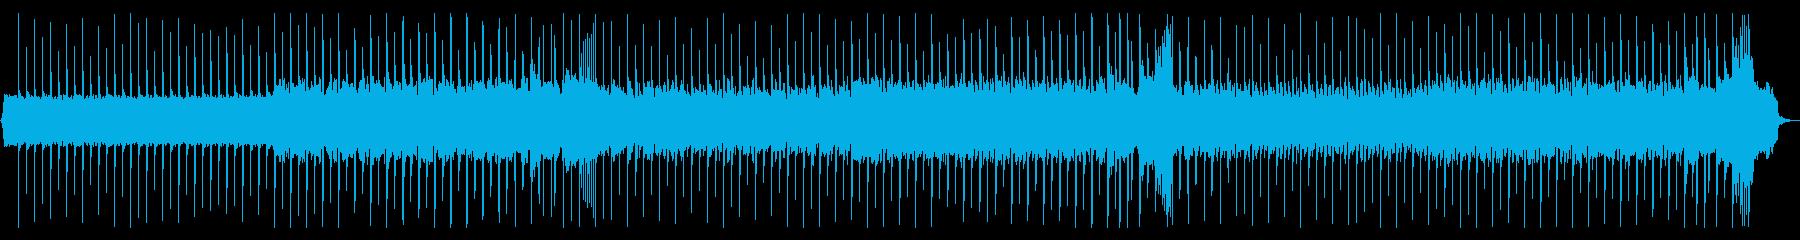 ロックギター、リフが繰り返されるBGM3の再生済みの波形